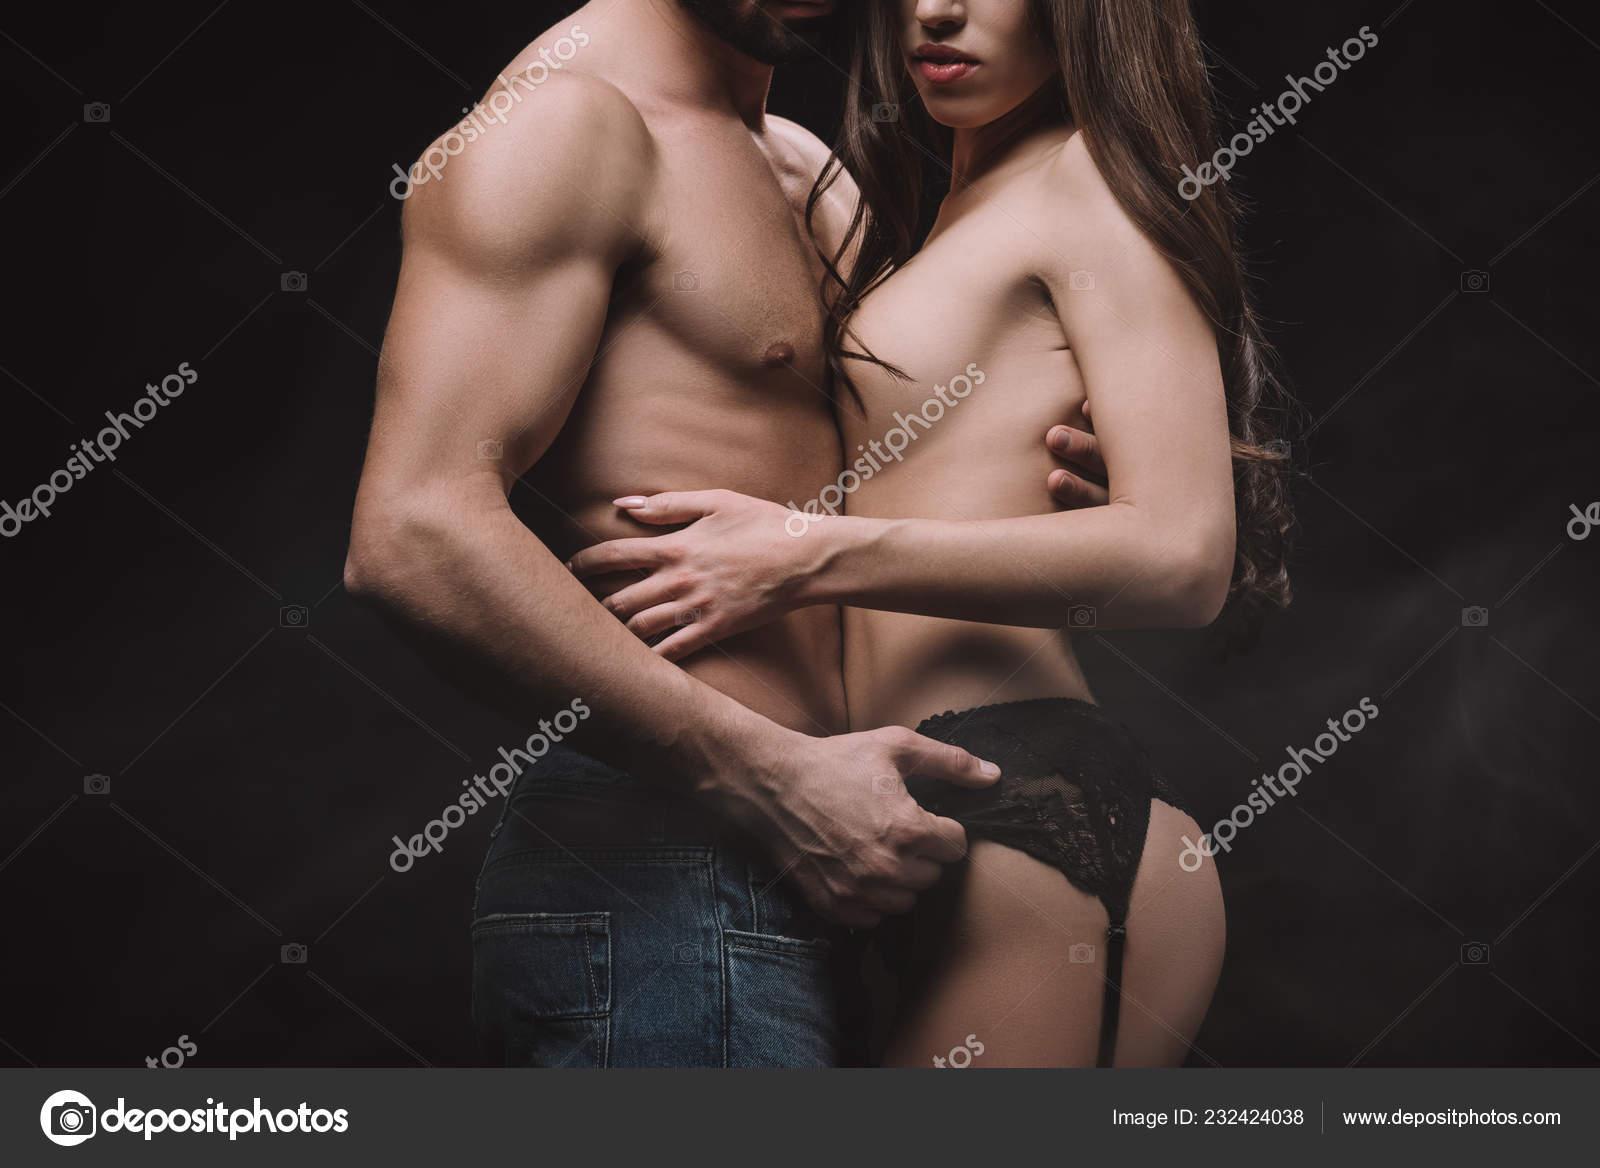 czarny seks z chłopakiem brazylijskie domowe porno